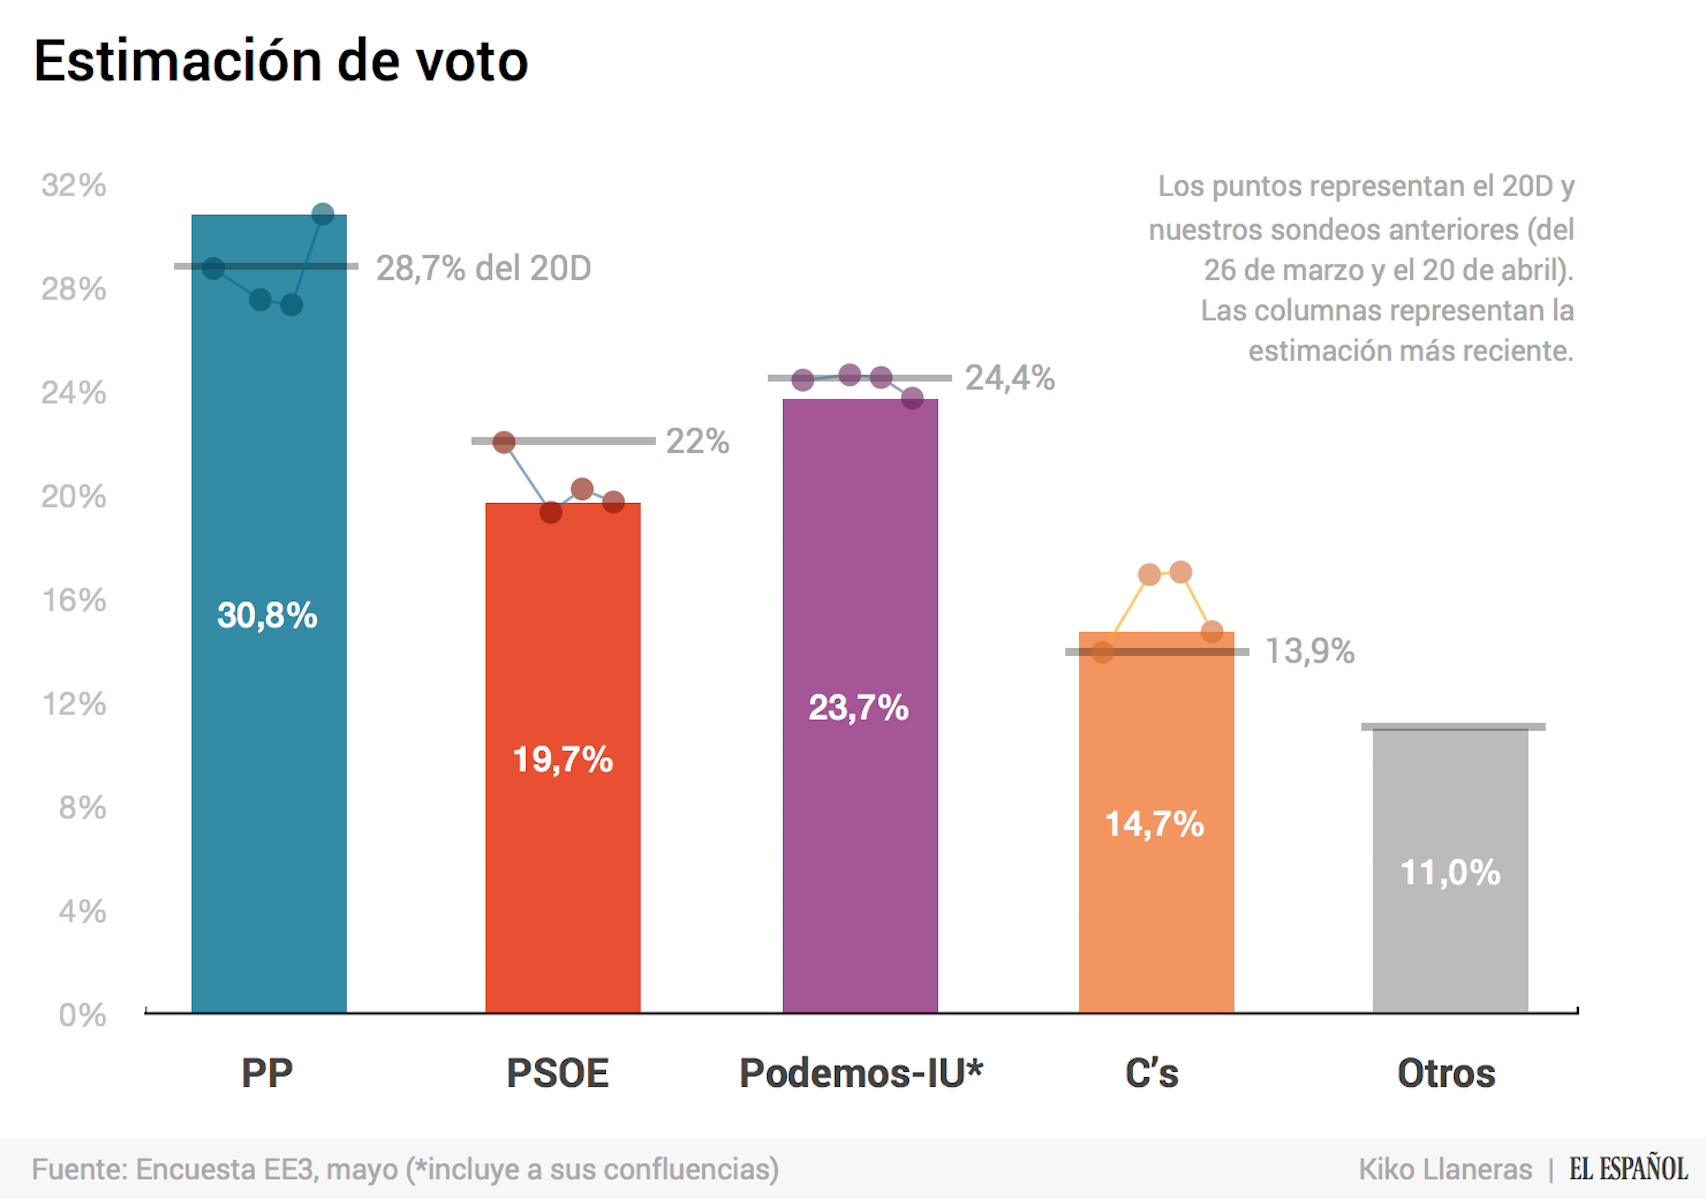 Porcentajes de estimación de voto.